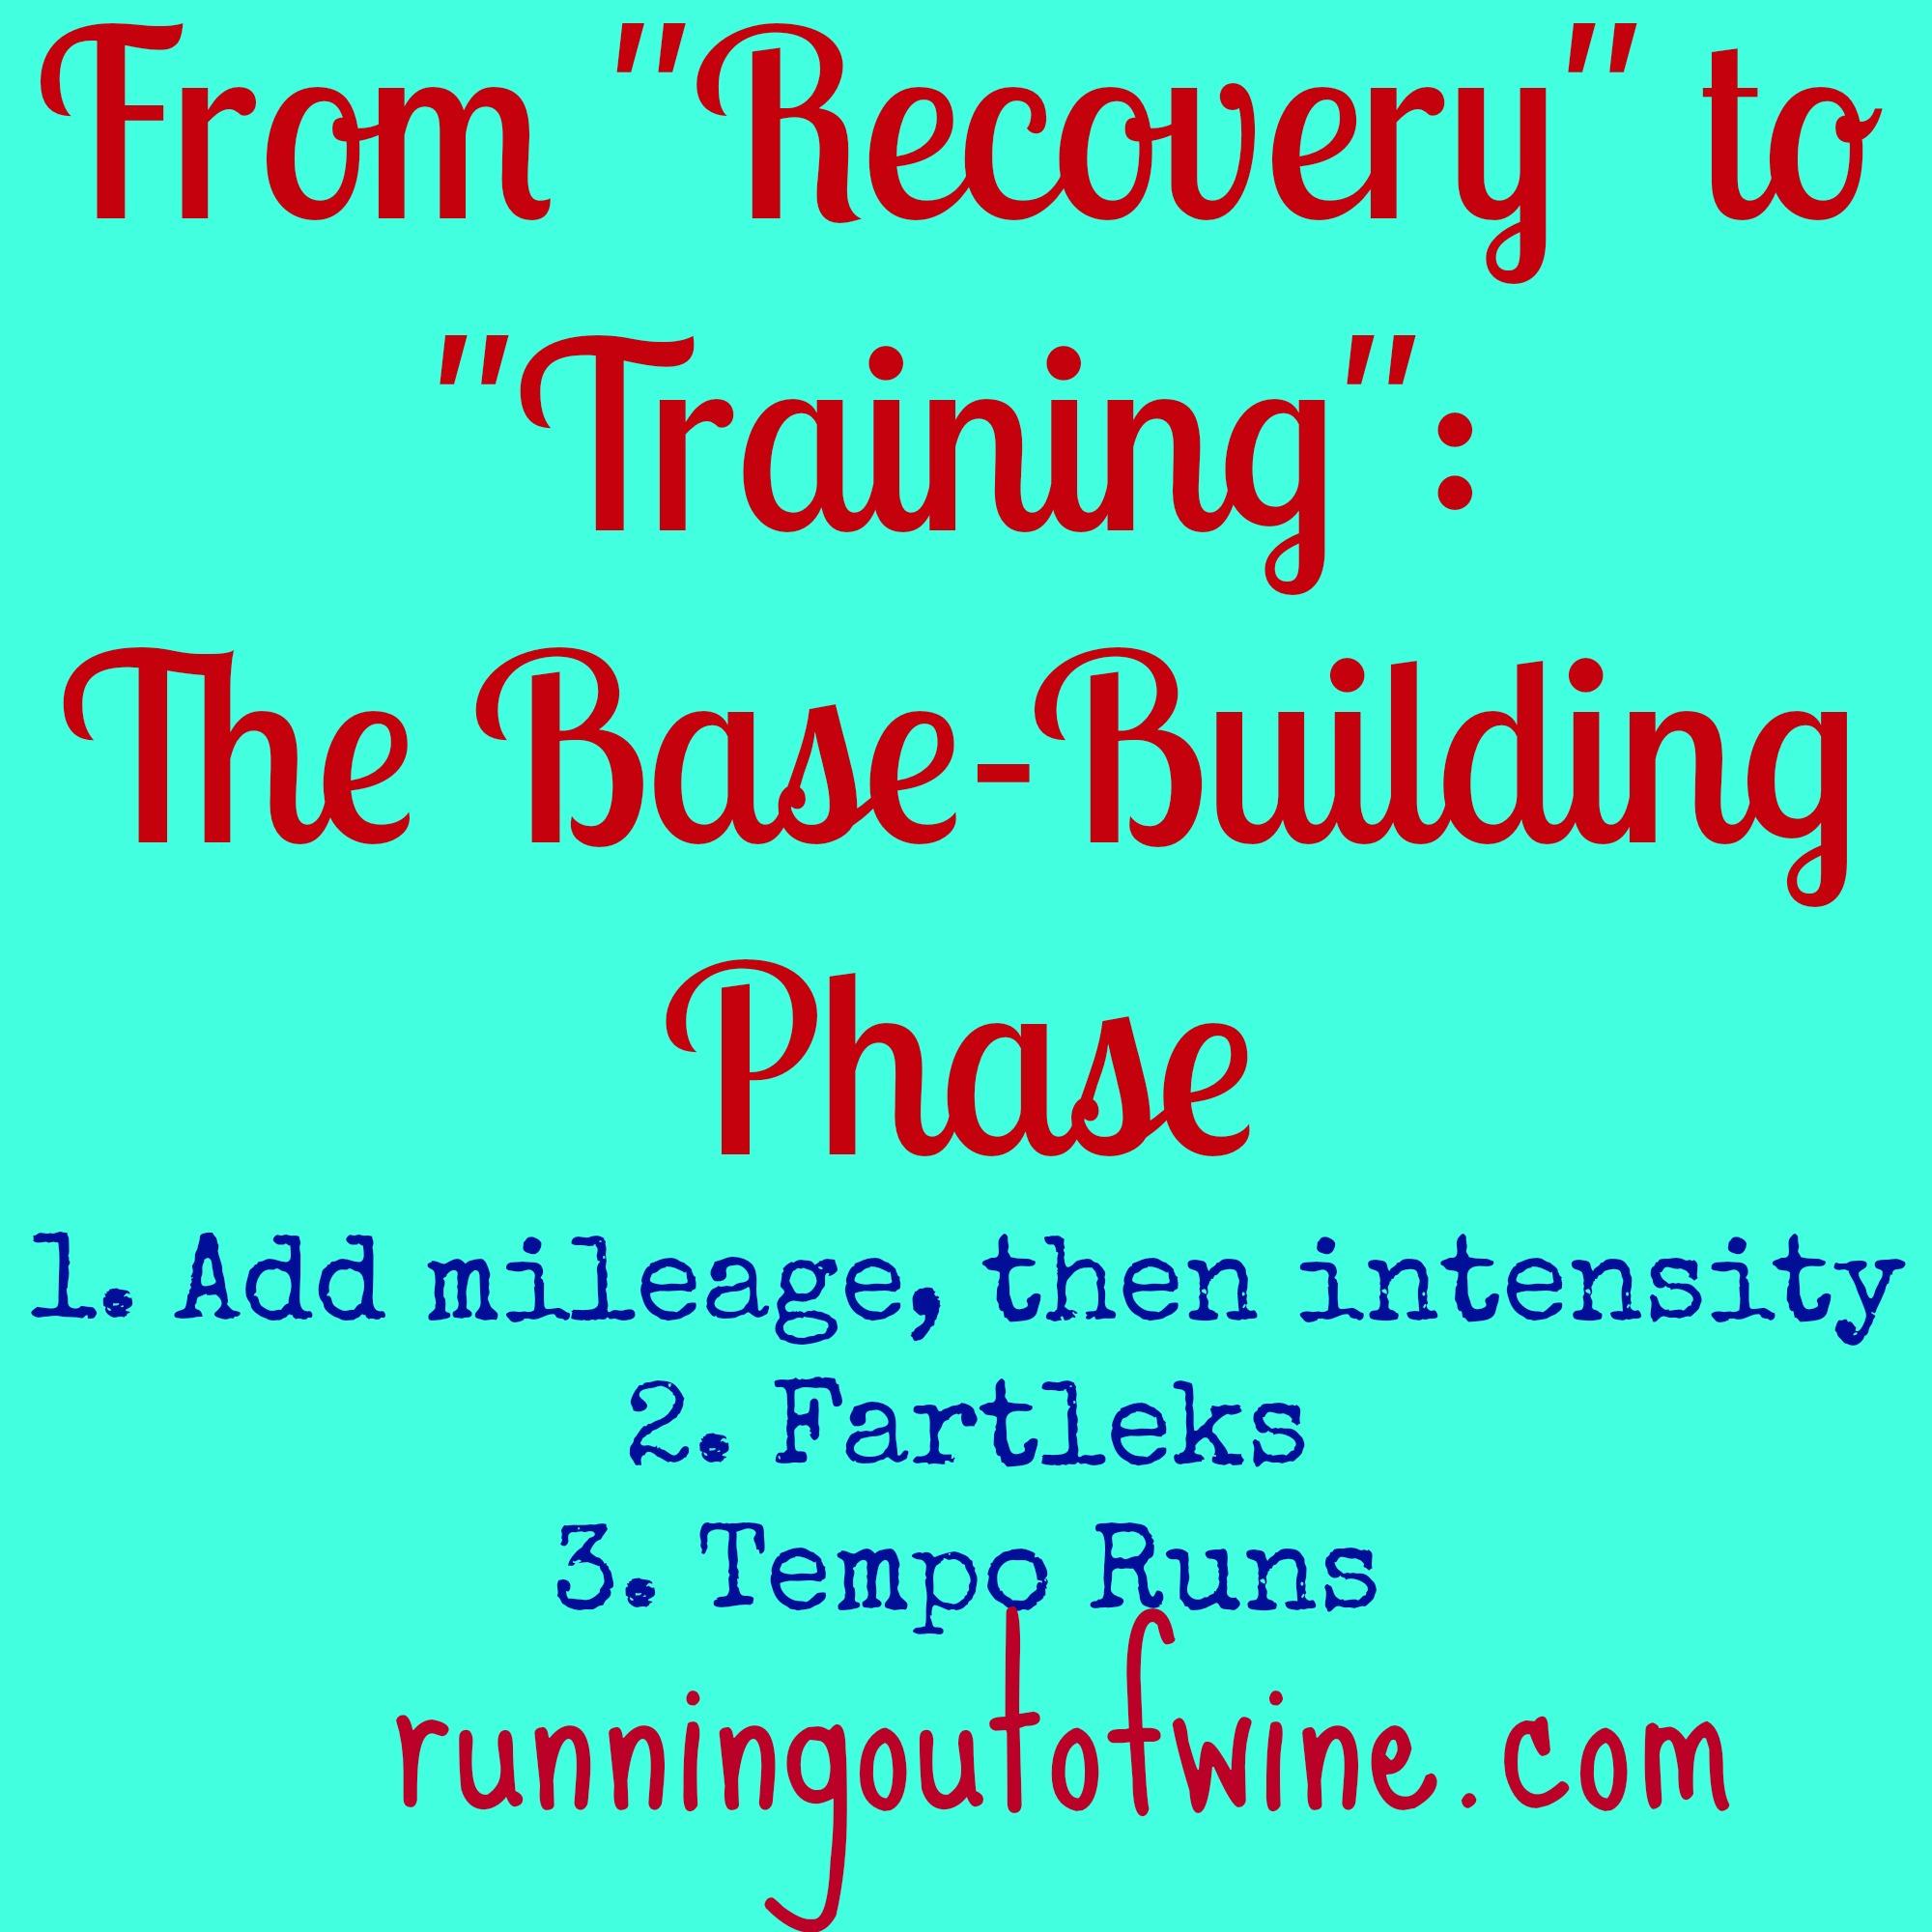 base-building phase